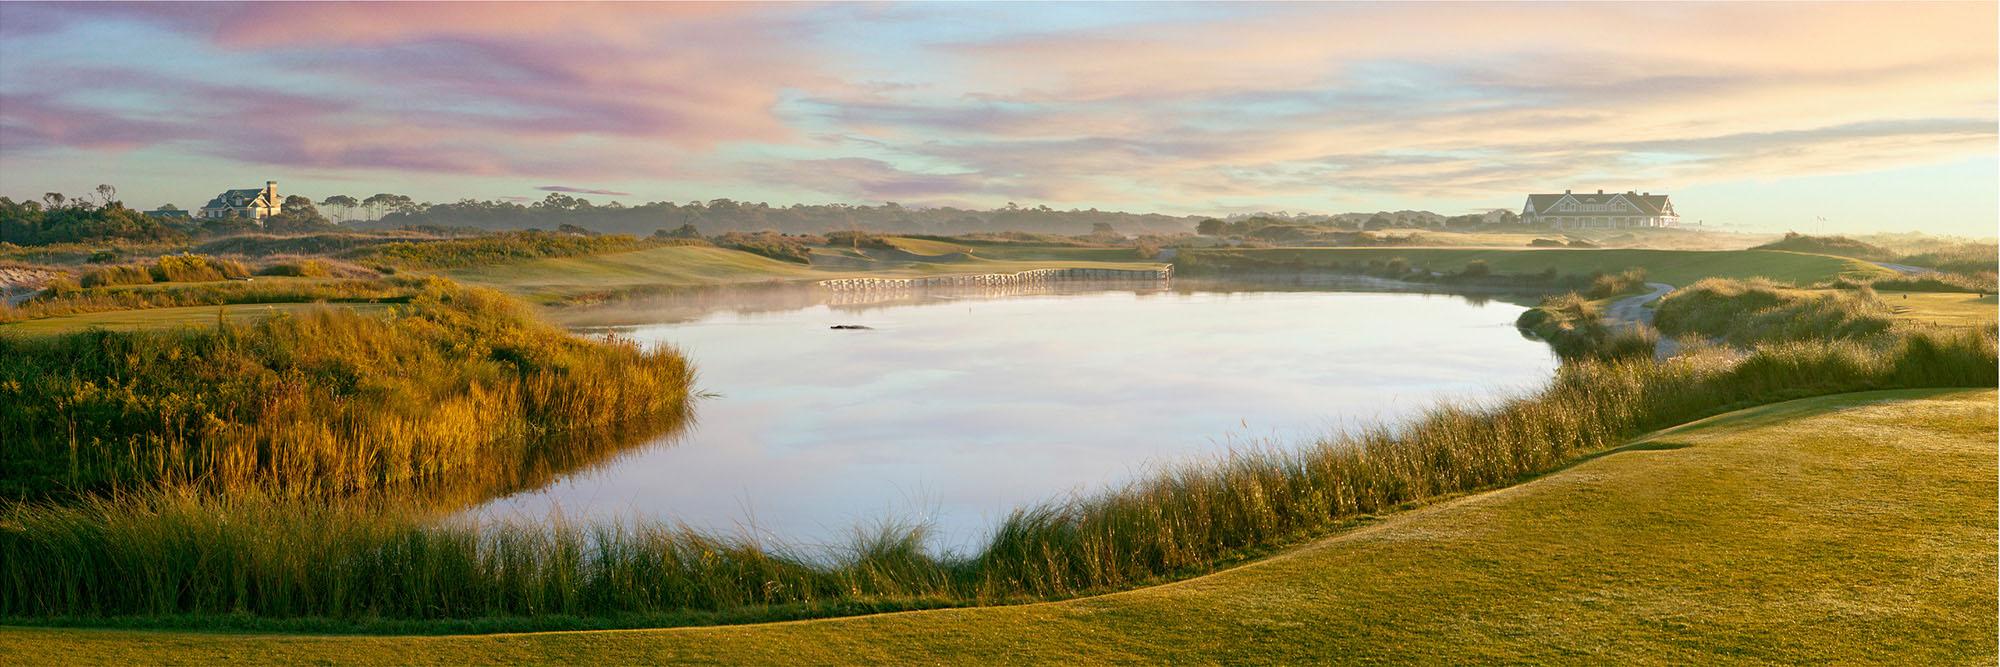 Golf Course Image - Kiawah Ocean Course No. 17